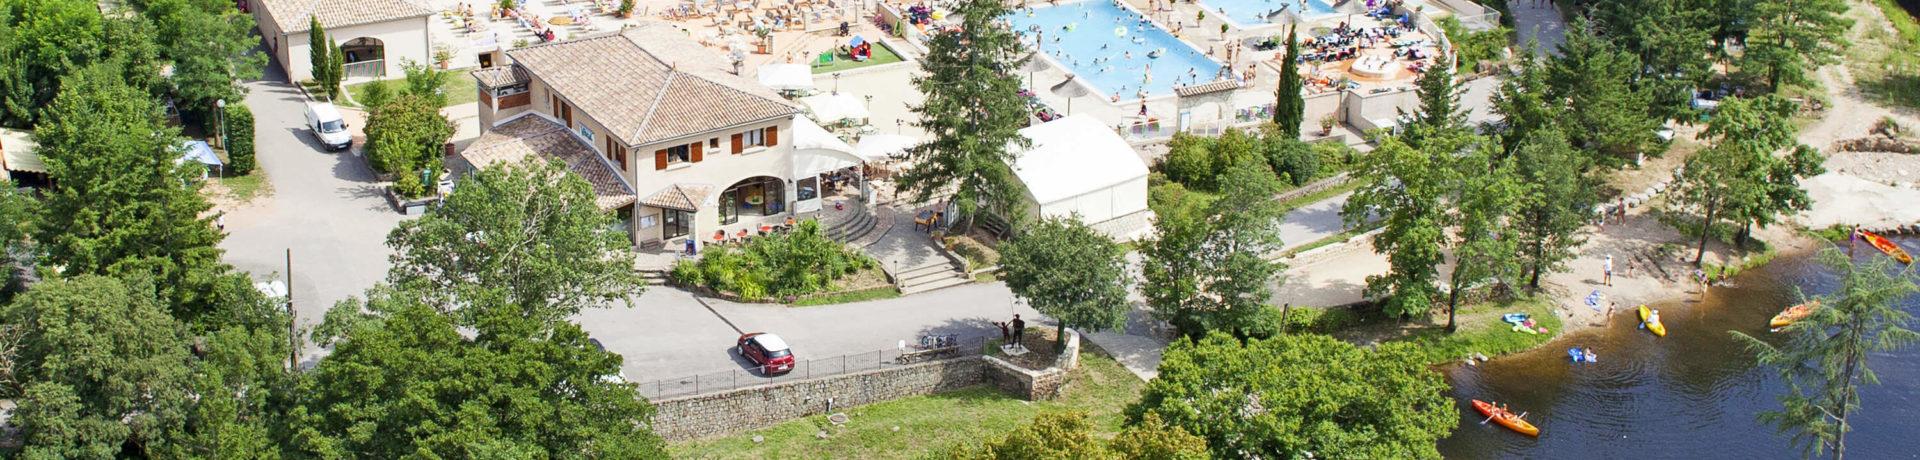 Camping Les Ranchisses in Largentière is een mooie kindvriendelijke camping in de Ardèche met zwembad in de natuur direct aan de rivier de Ardèche.